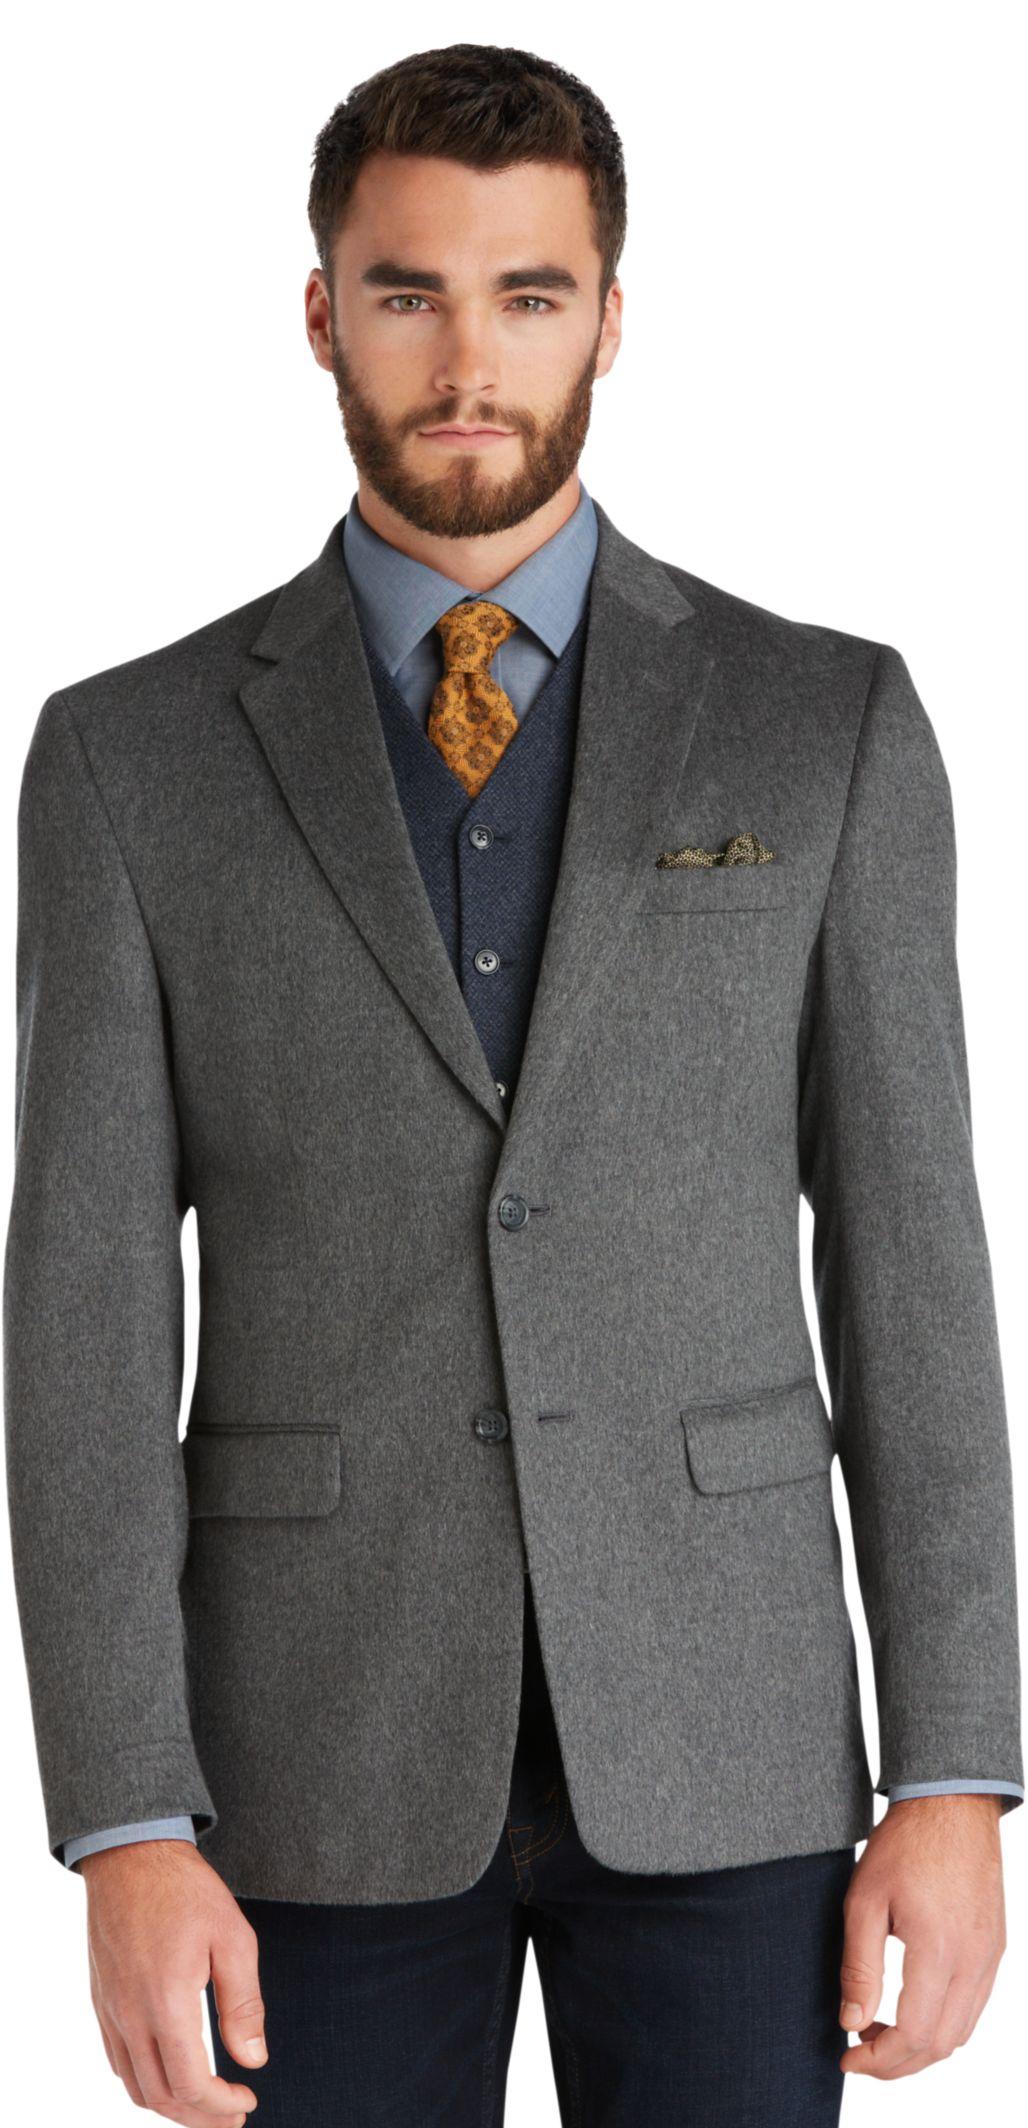 JoS. A. Bank Executive 2-Button Sportcoat